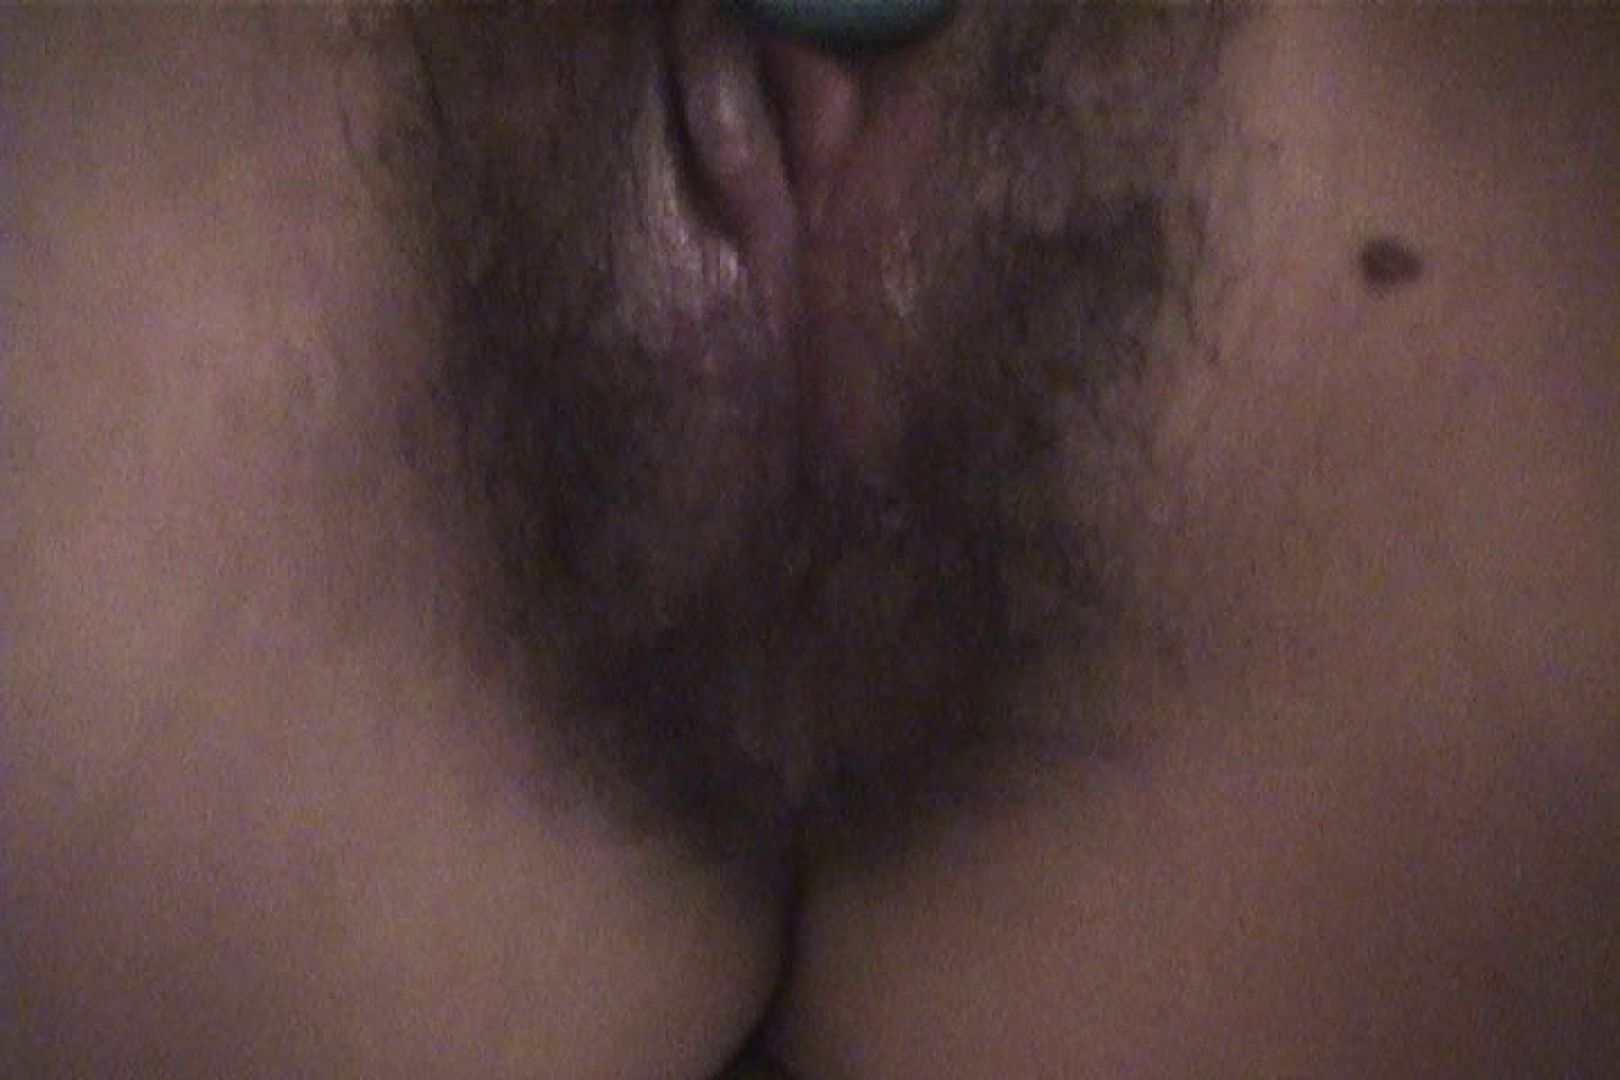 歯科衛生士バージンアラサー30歳まきVol.2 盗撮特集 AV無料 93画像 44